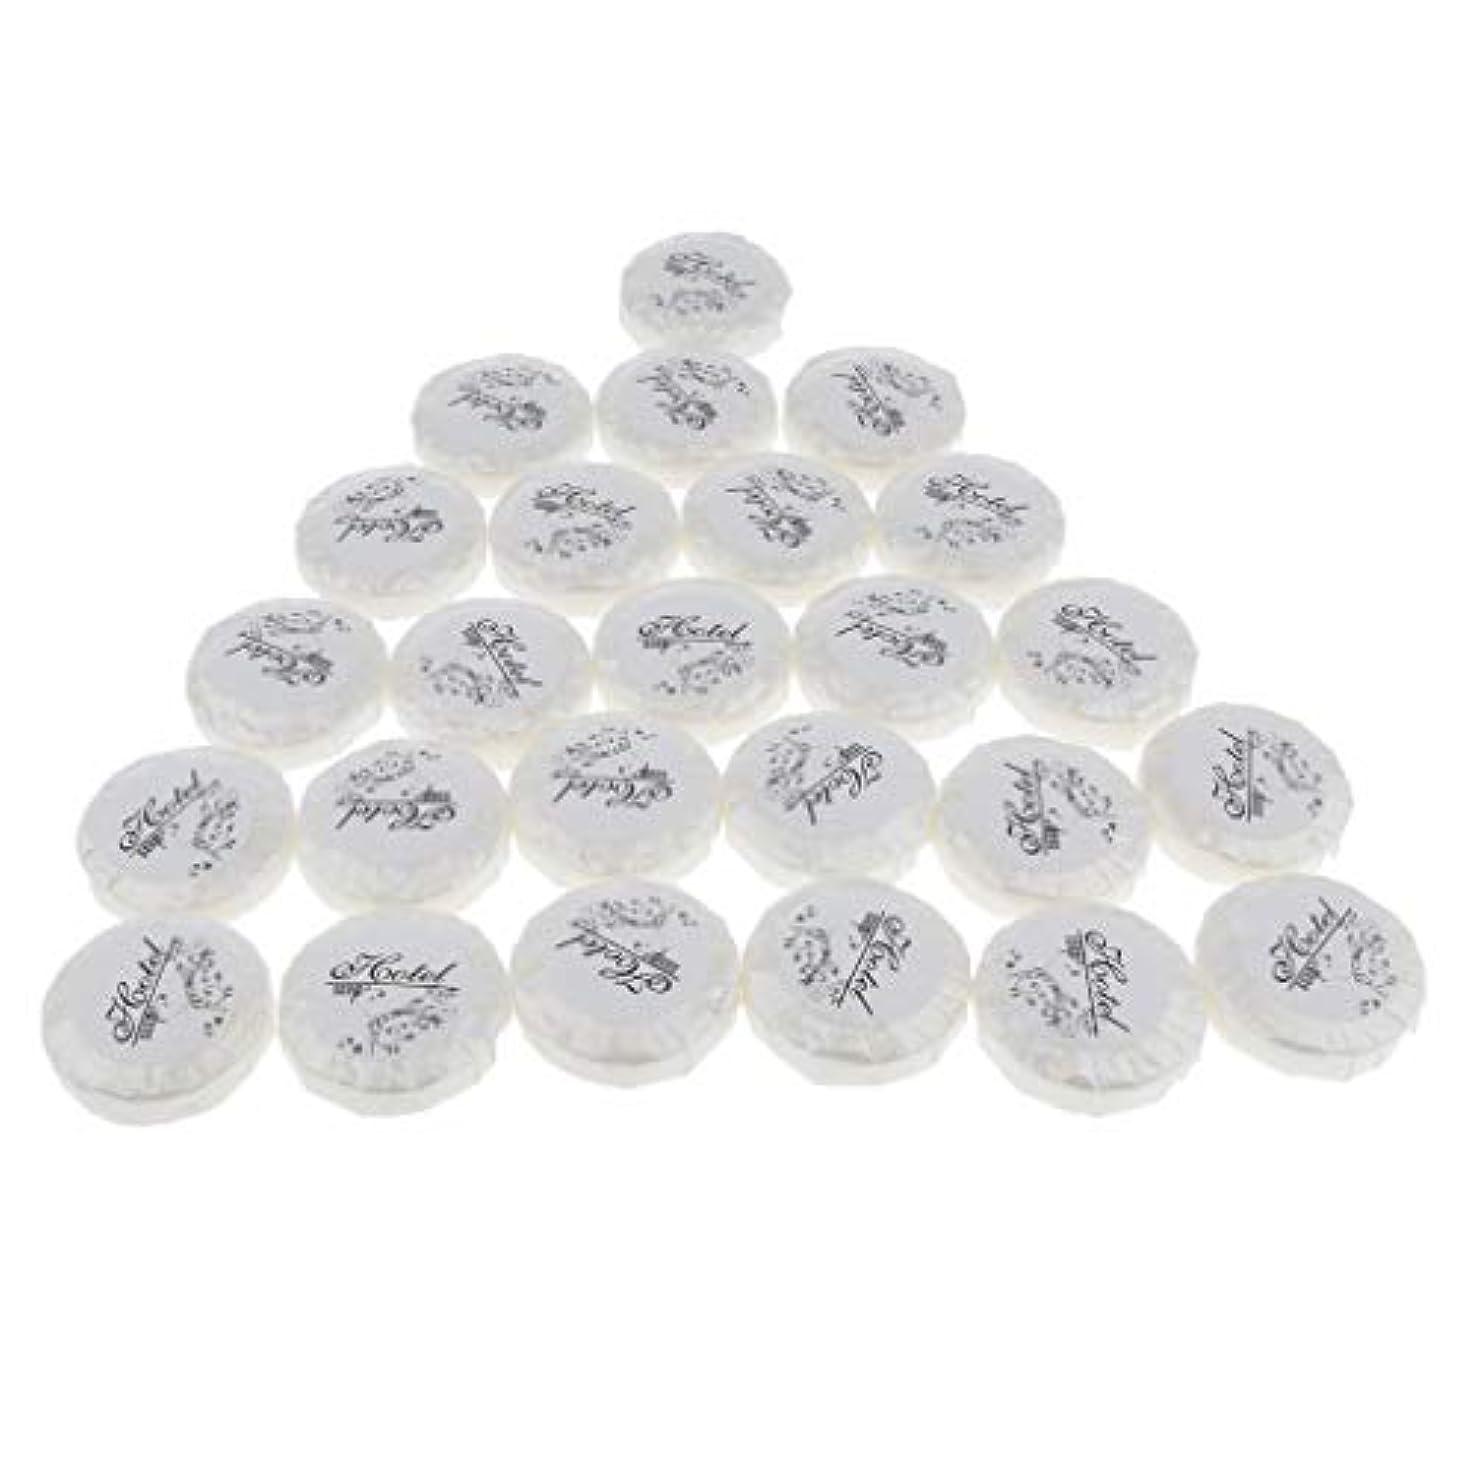 損傷休日にマニア約150個セット 石鹸 洗顔石鹸 固形せっけん 無添加 植物油 ミニサイズ 携帯用 全3種類選ぶ - 13g